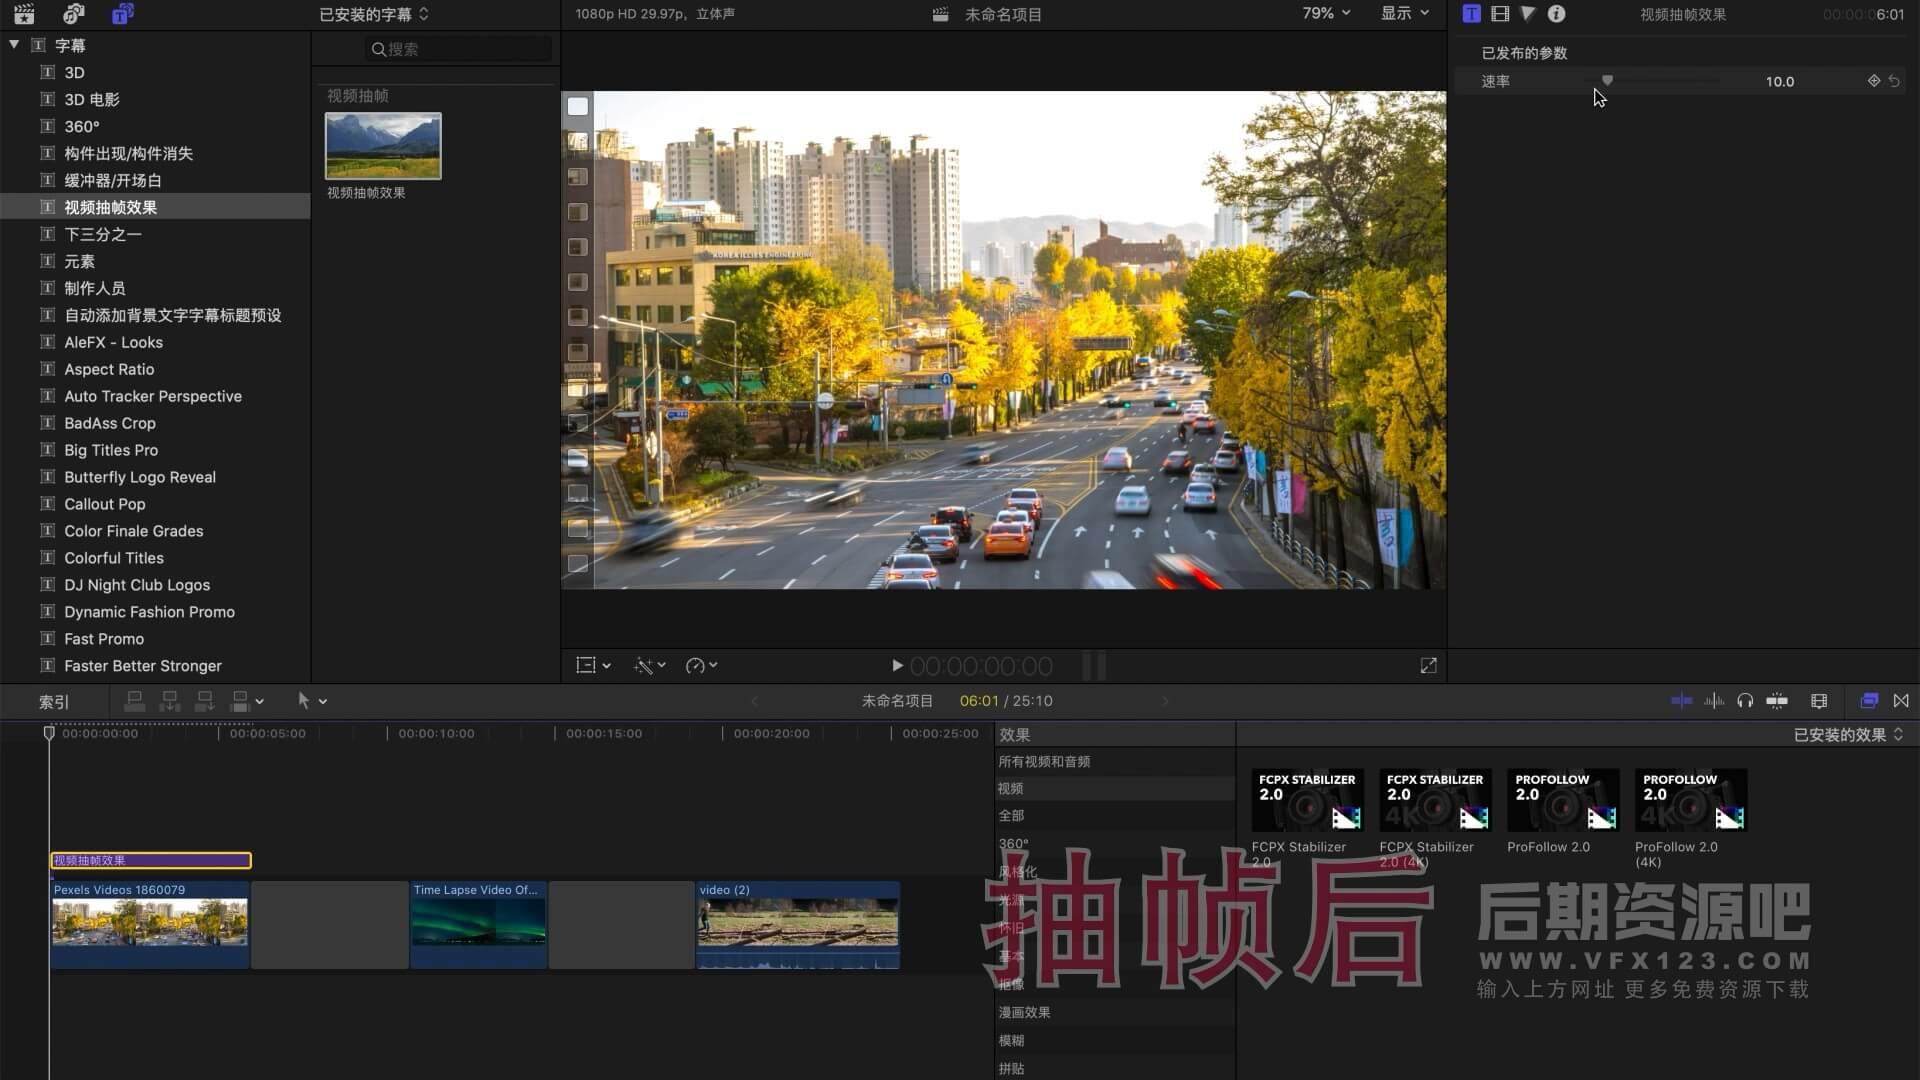 Fcpx插件 视频抽帧效果 制作画面递进卡顿 可调抽帧级别 Draw frames